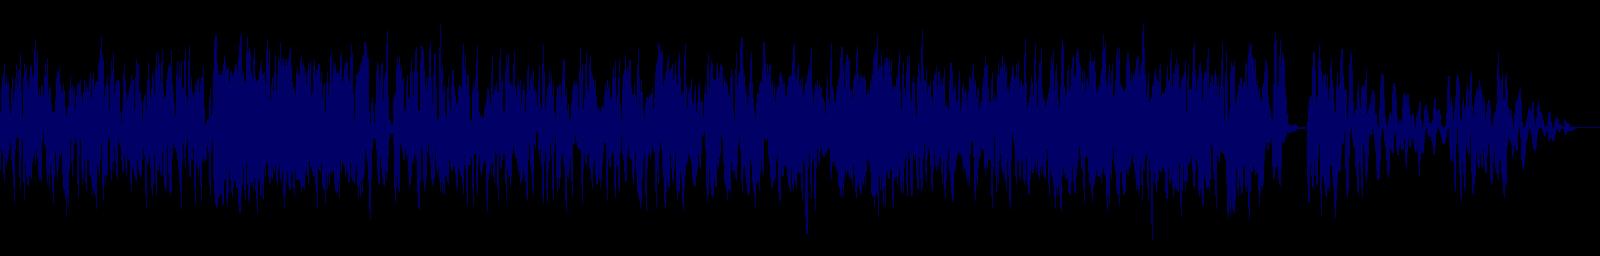 waveform of track #113332